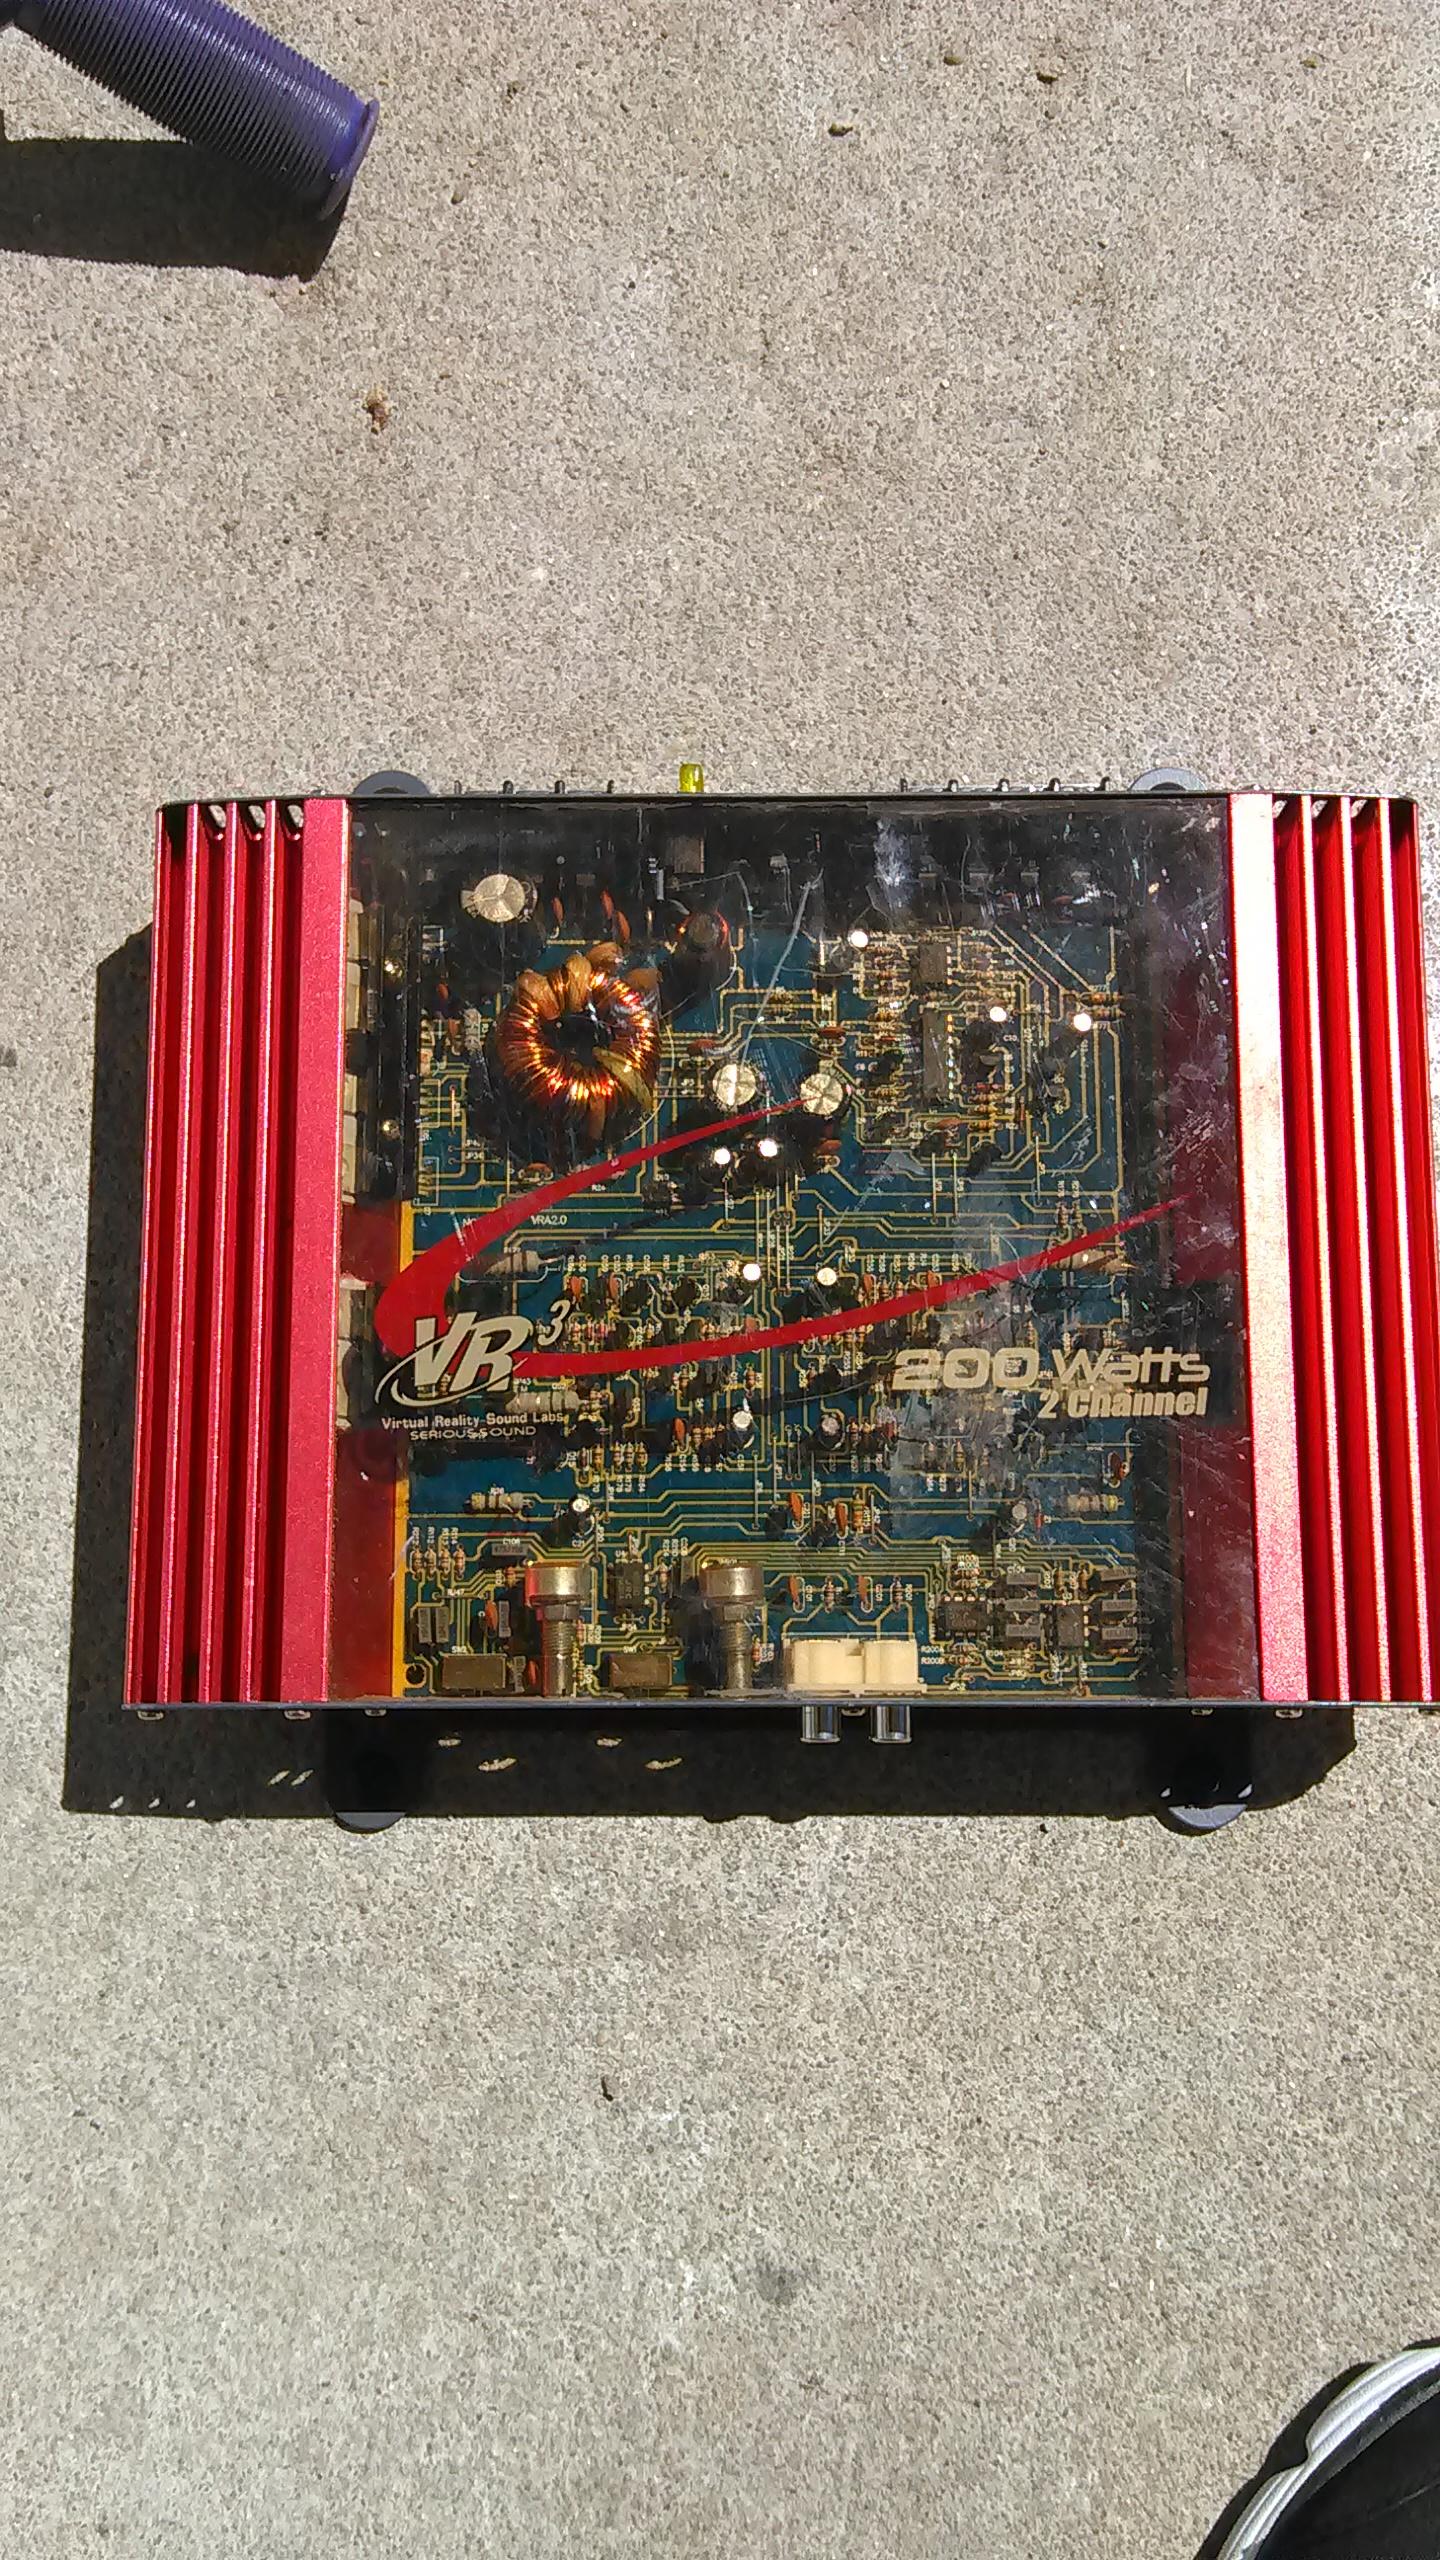 200 watt amp